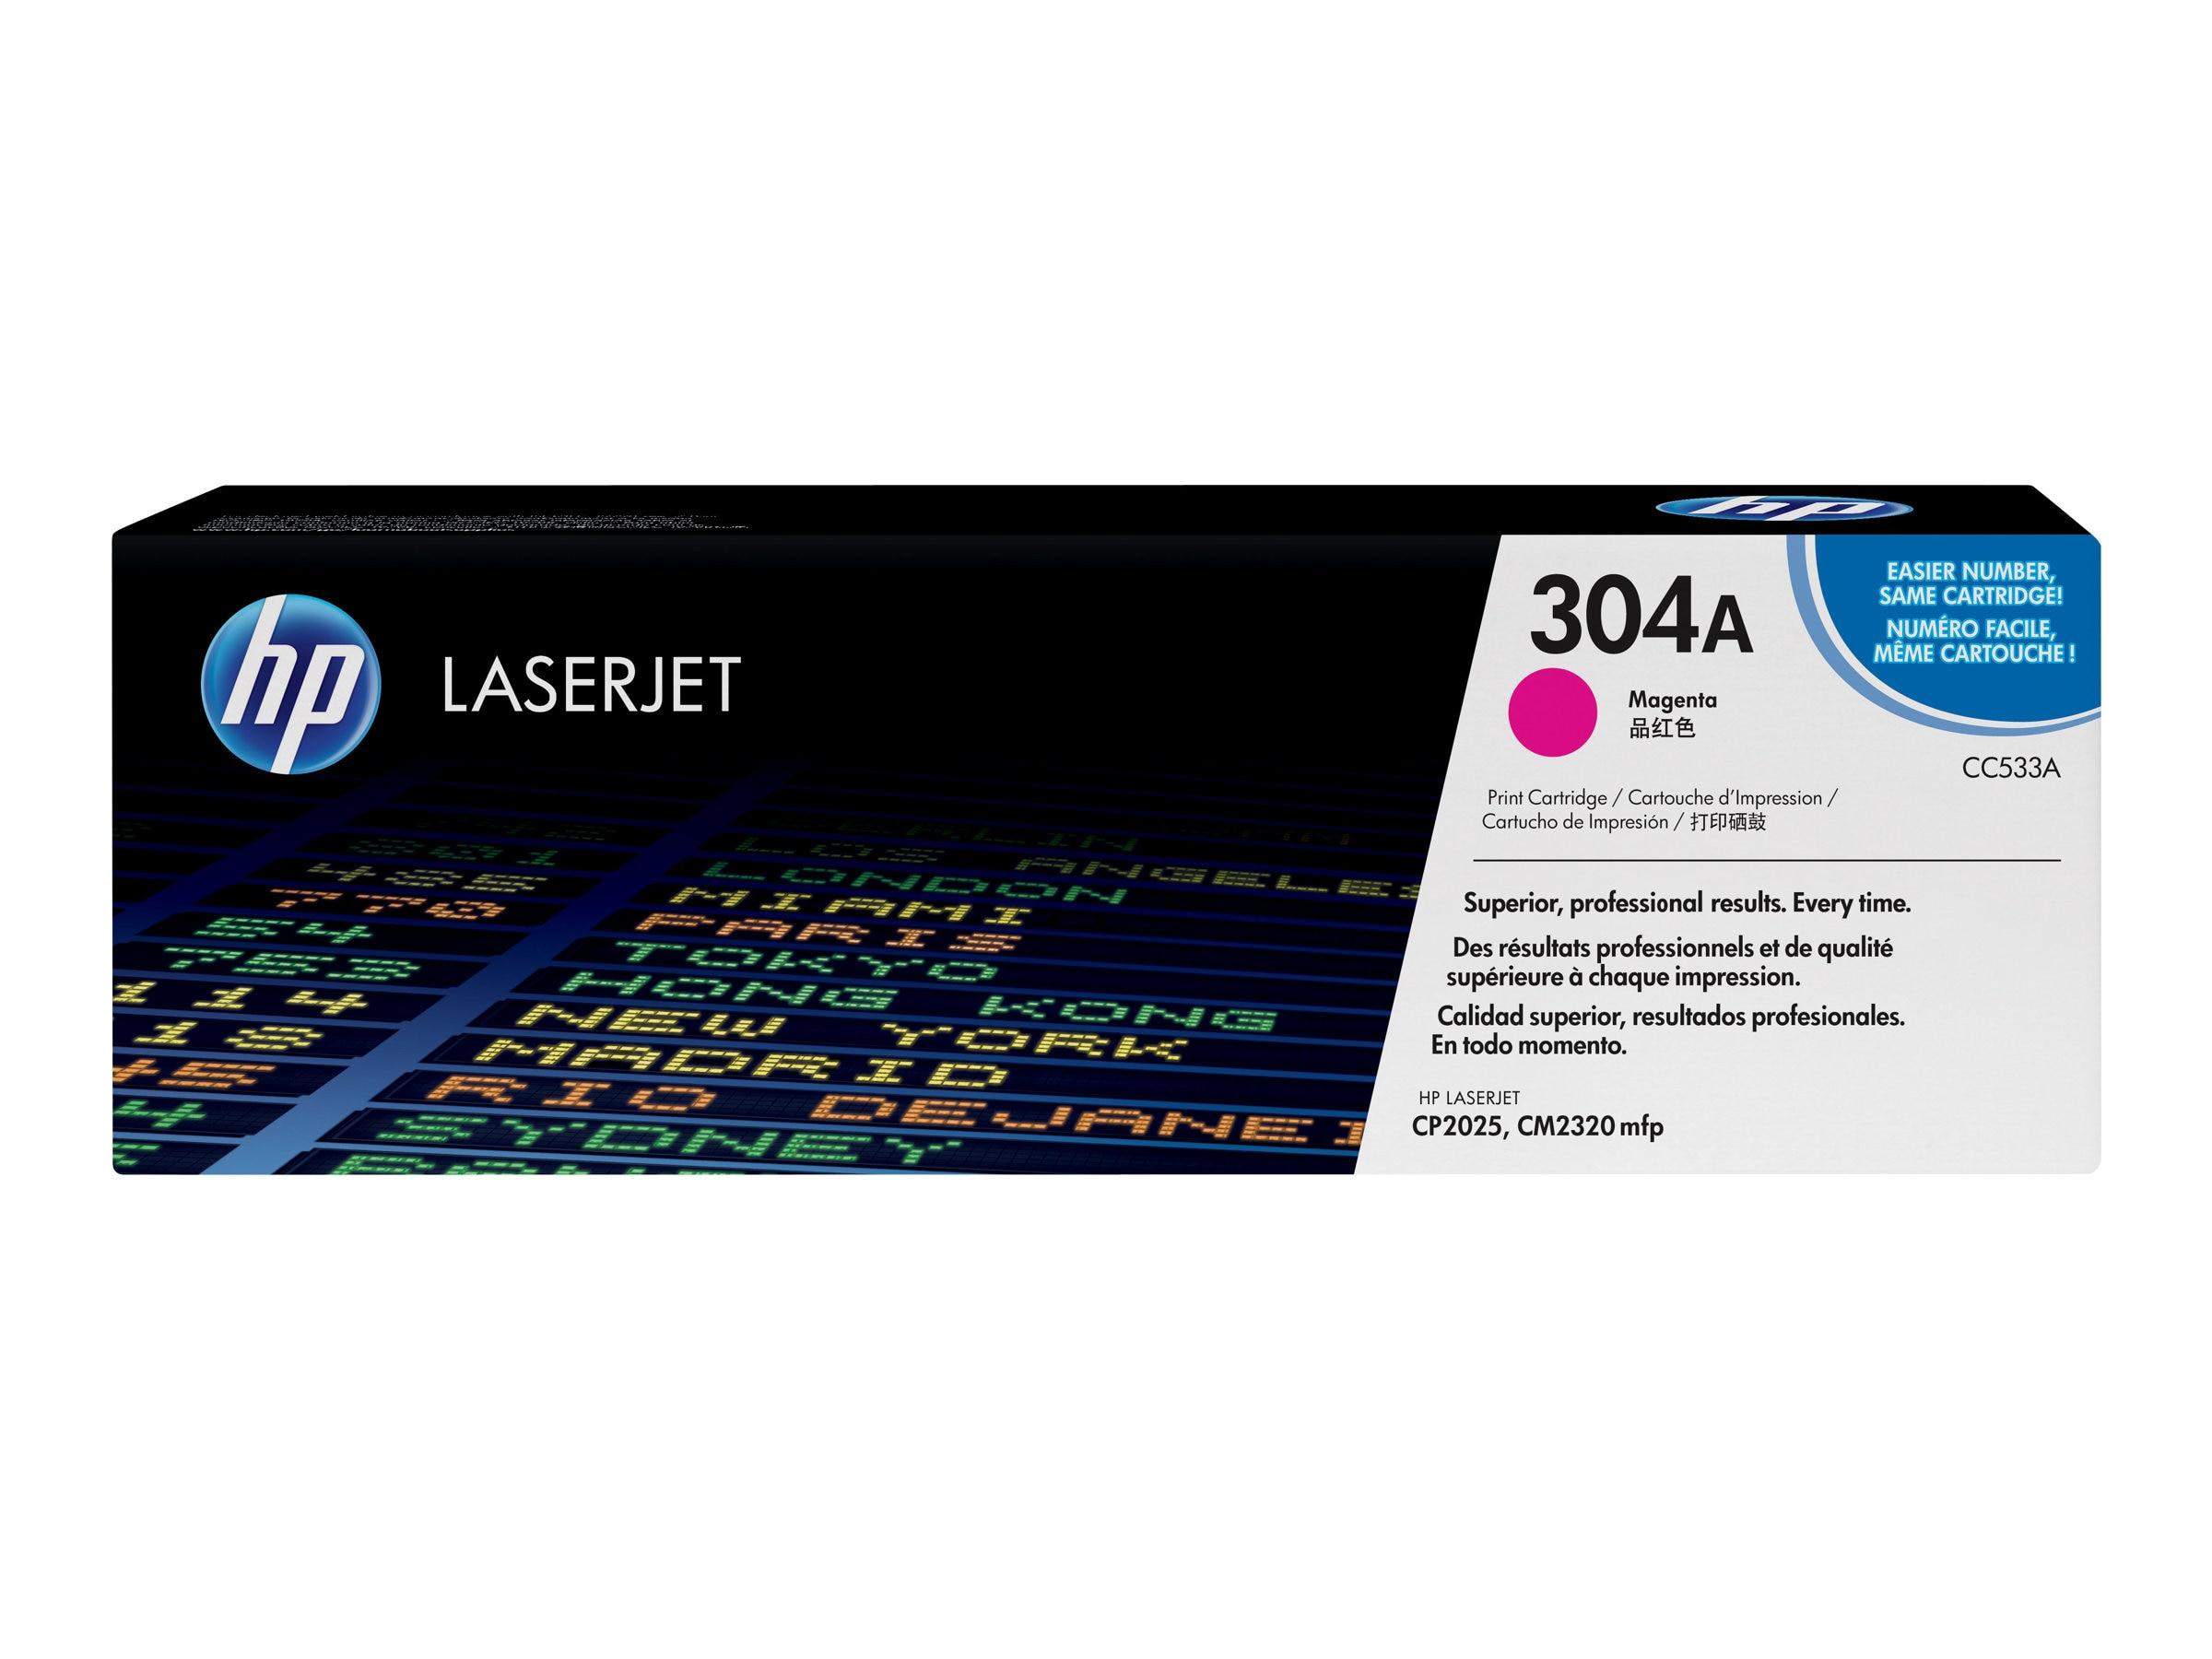 HP 304A (CC533A) Magenta Original LaserJet Toner Cartridge for HP Color LaserJet CP2025 & CM2320 MFP, CC533A, 8869018, Toner and Imaging Components